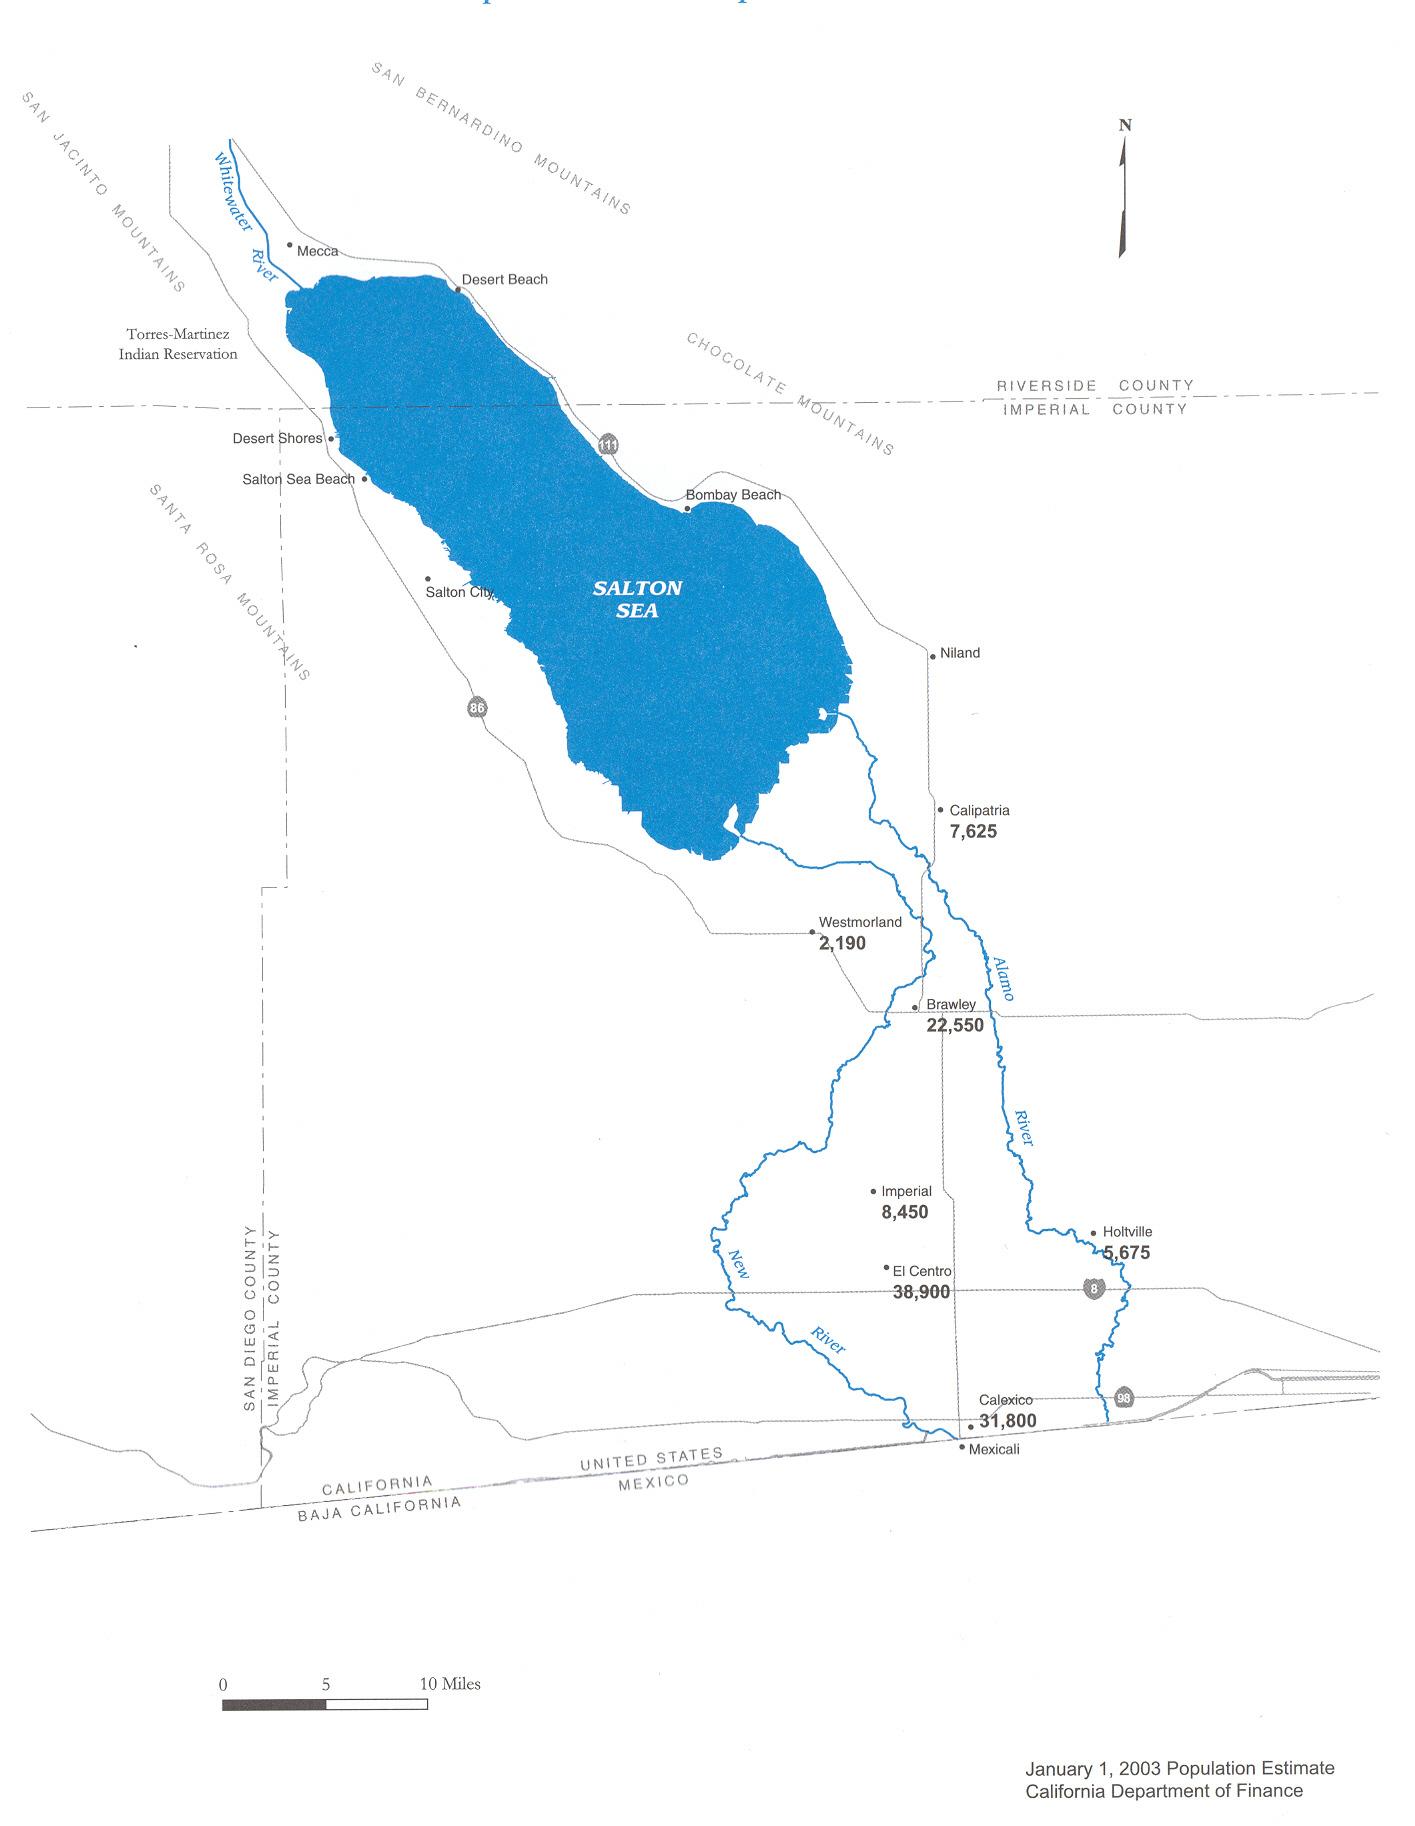 Las Coloradas Mexico Map.New River Mexico United States Wikipedia